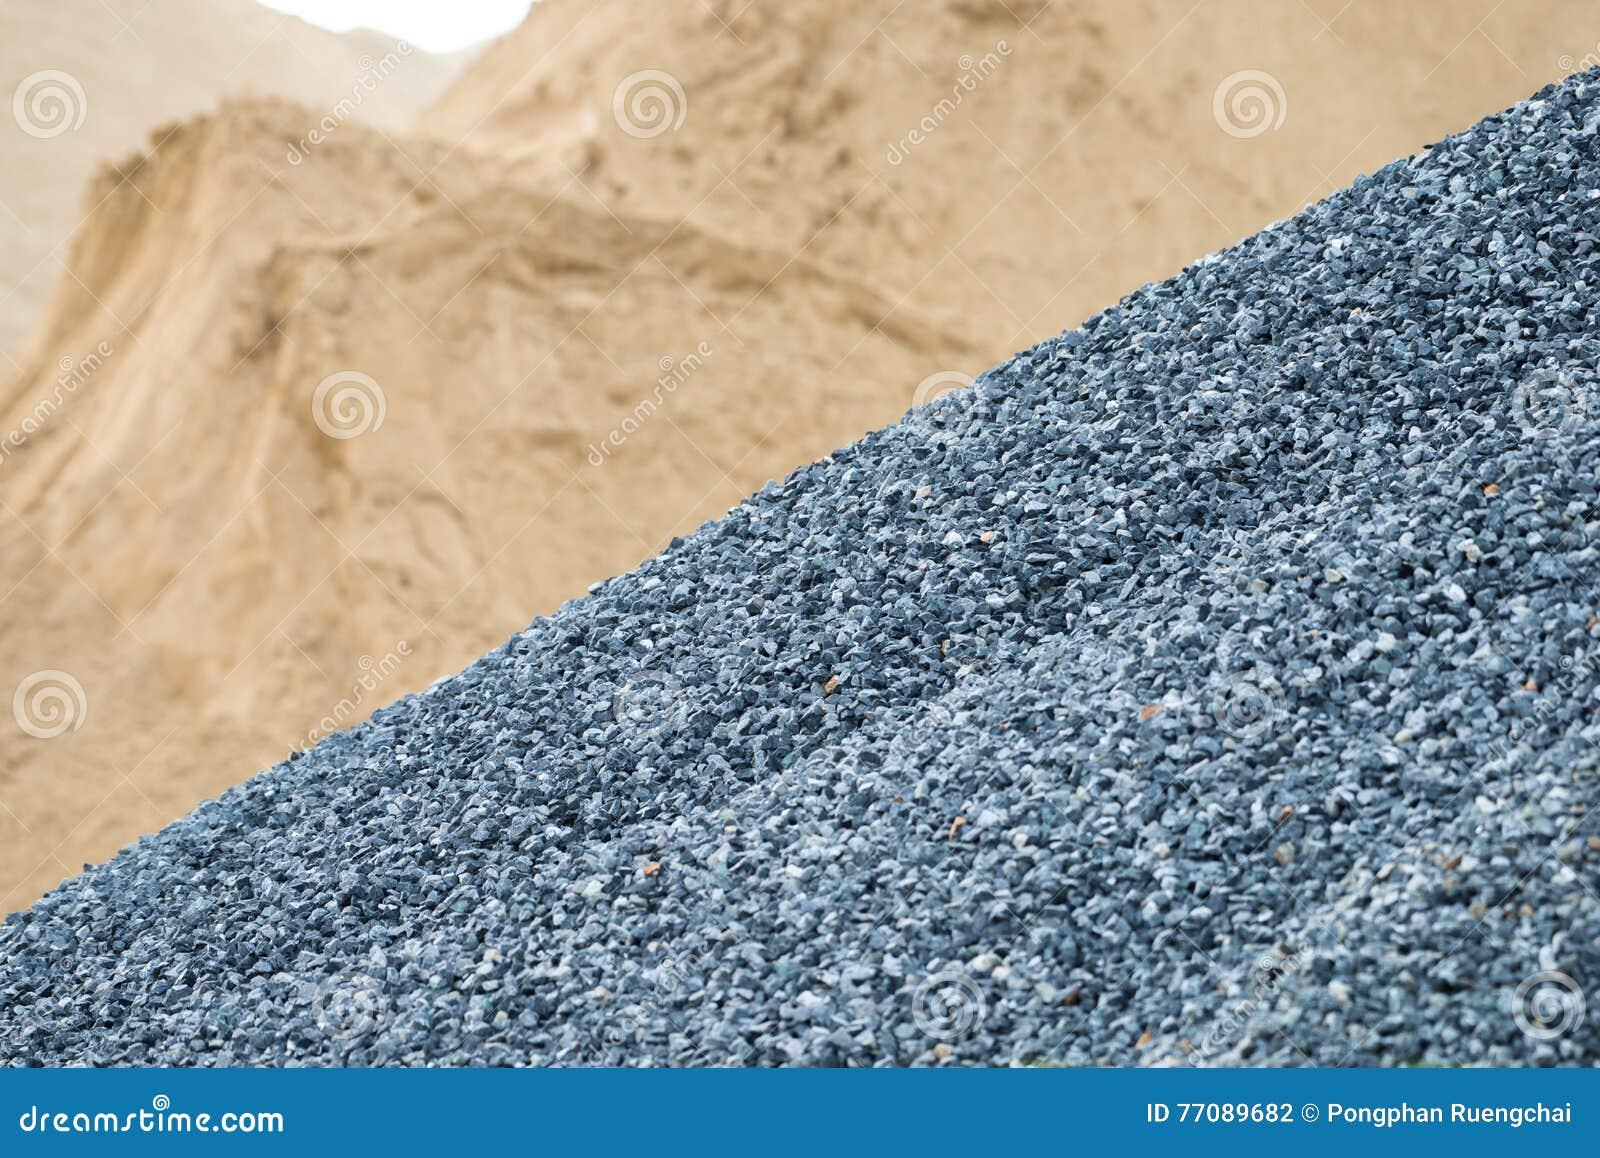 Αμμοχάλικο και άμμος